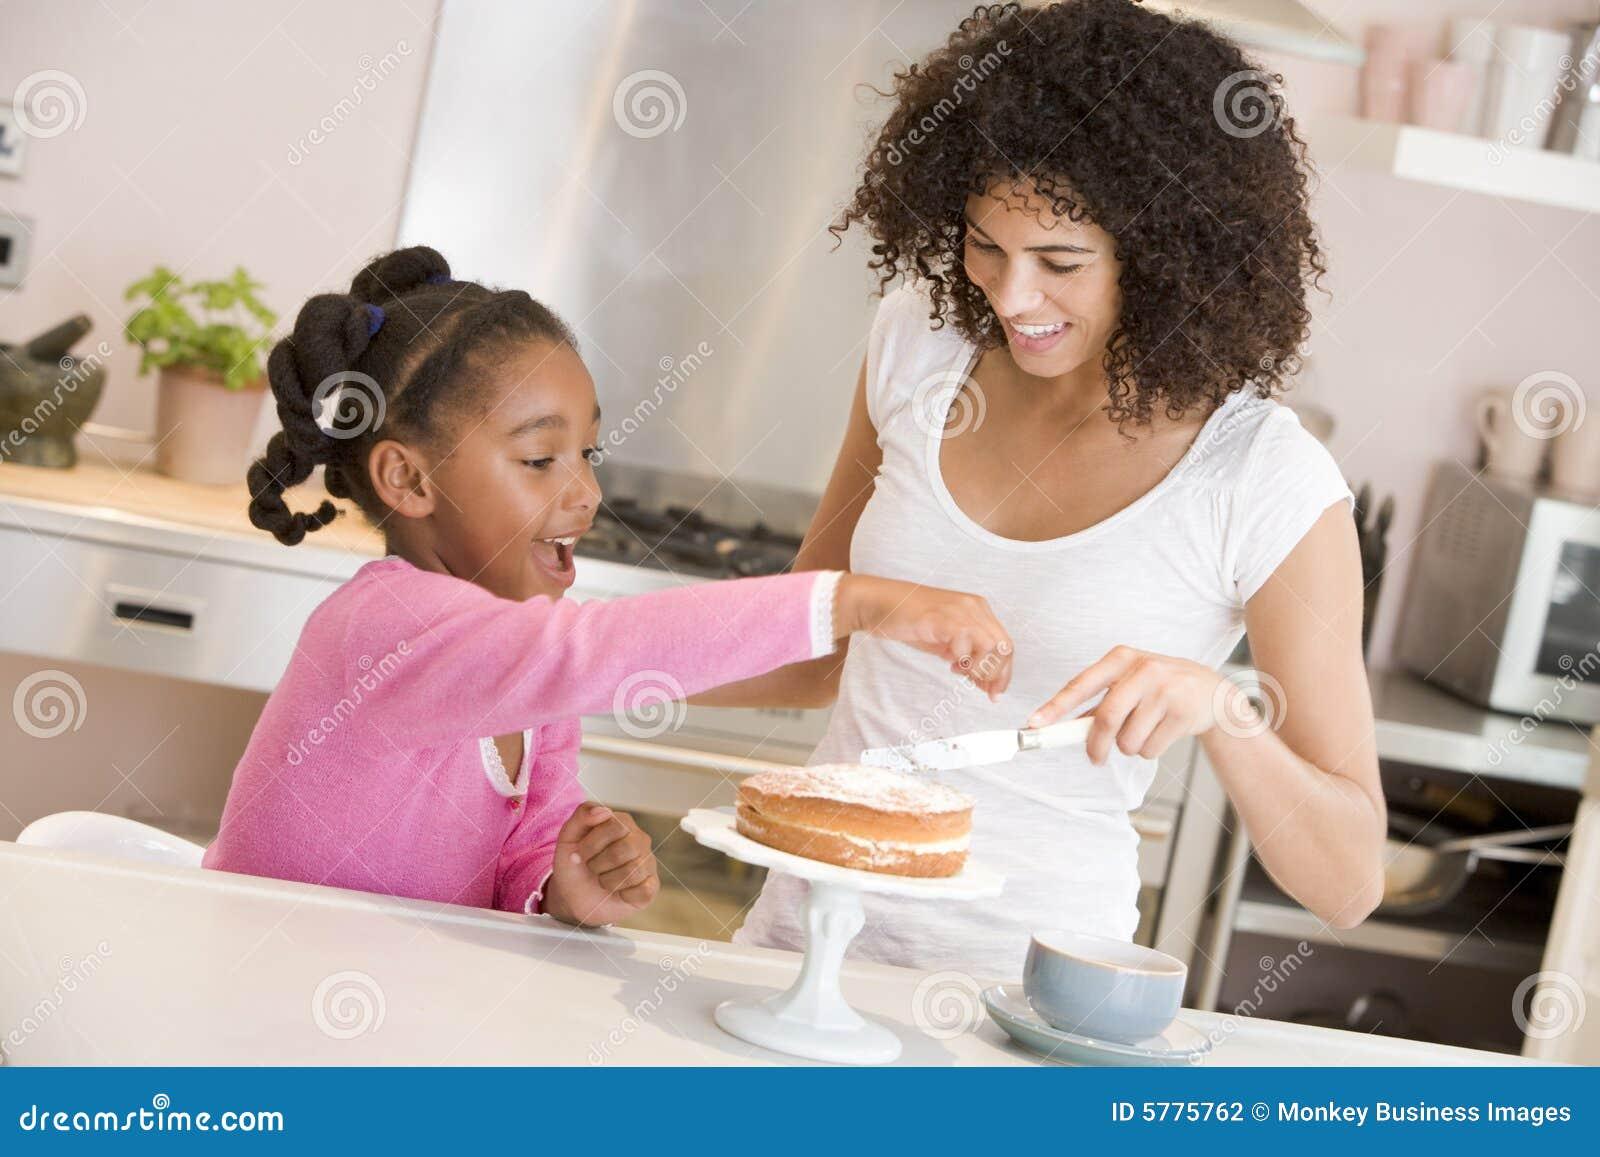 Vrouw en jong meisje in keuken die een cakesmili bevriest